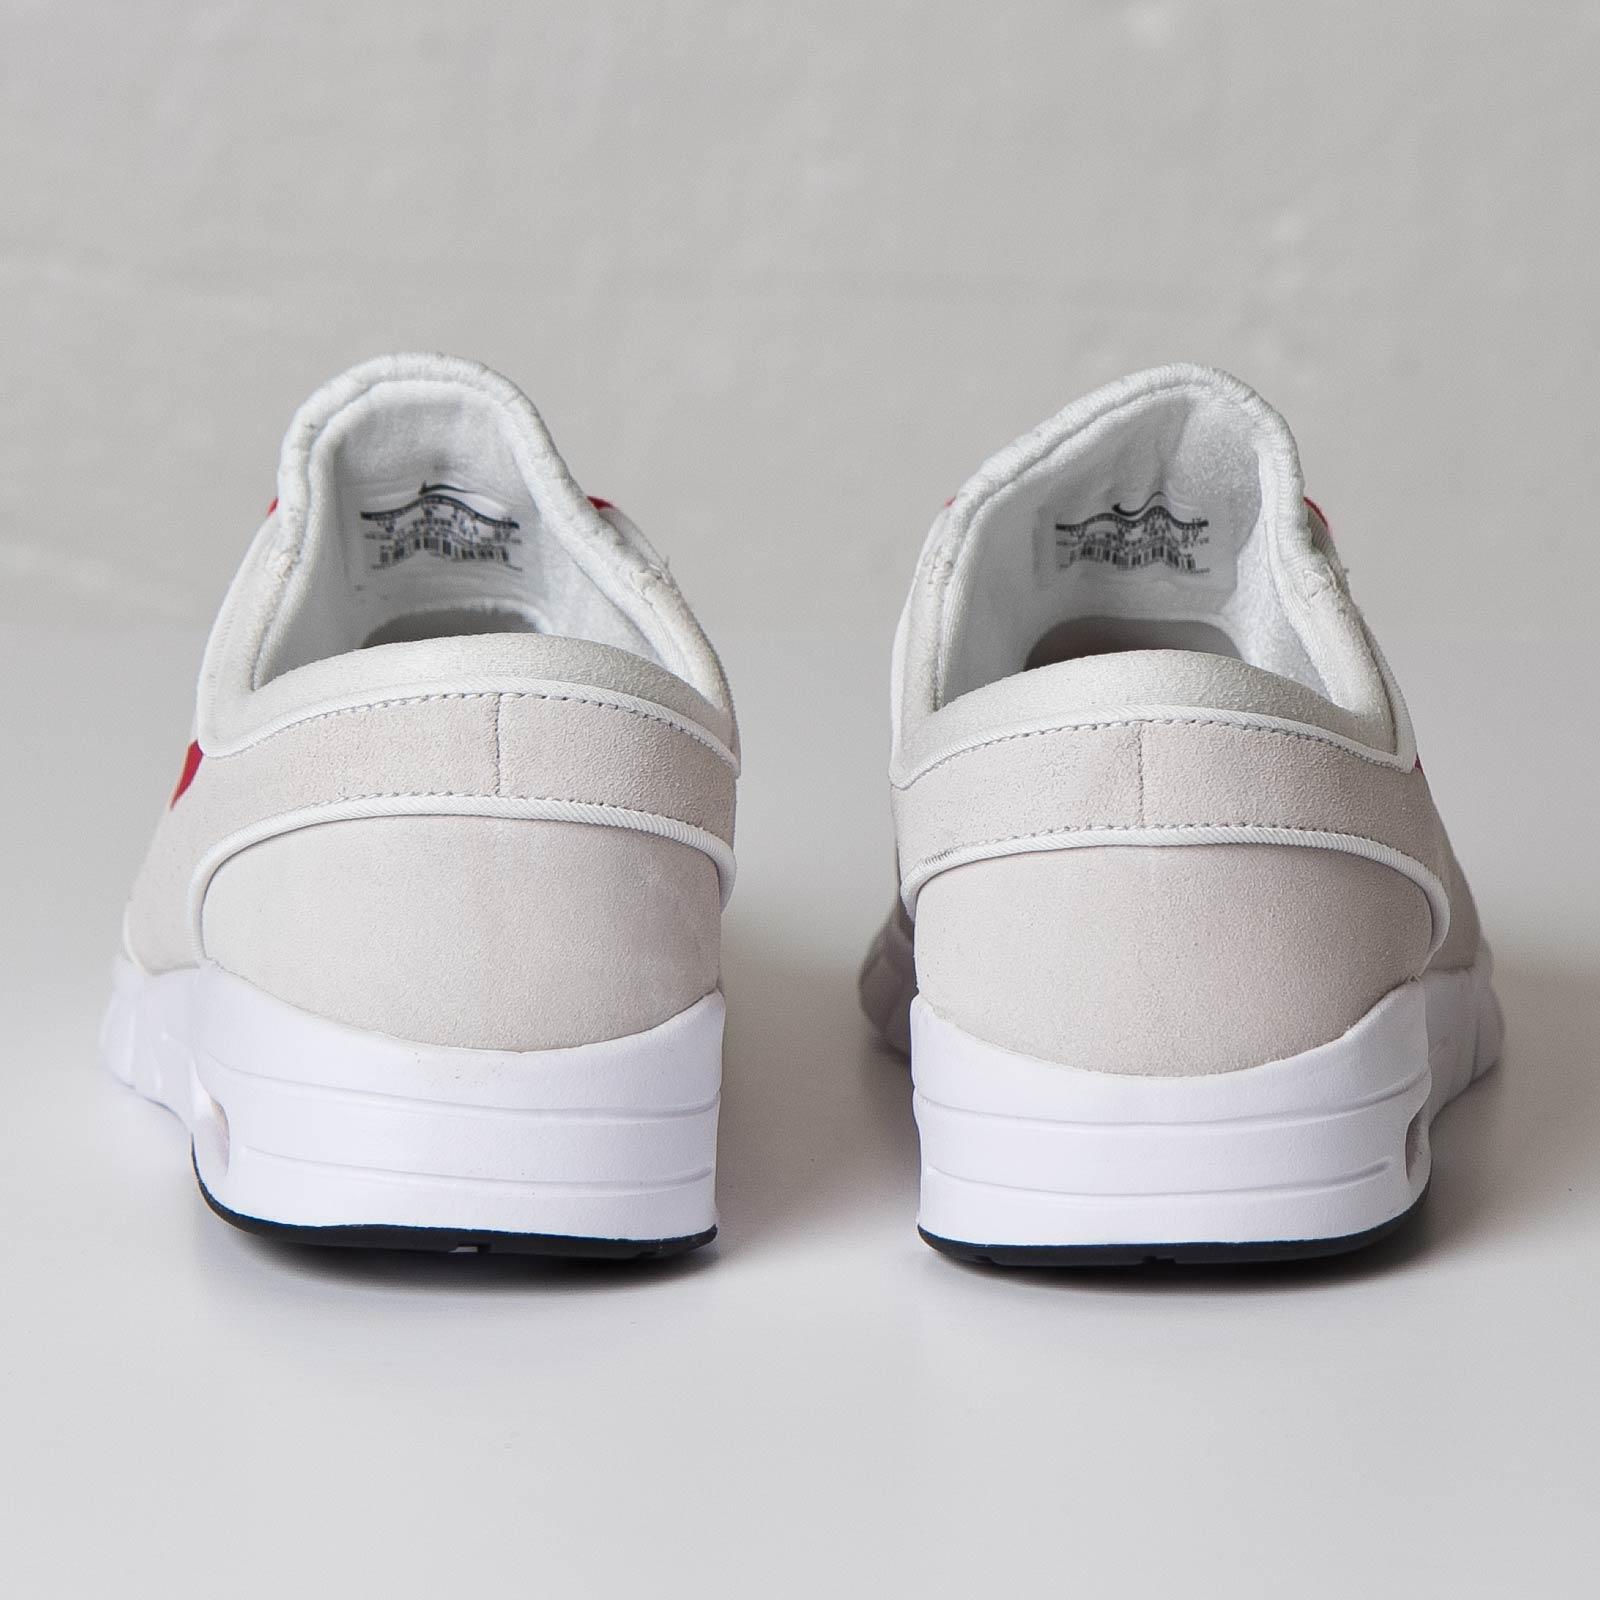 save off d561c f686f Nike Stefan Janoski Max L - 685299-161 - Sneakersnstuff   sneakers    streetwear online since 1999